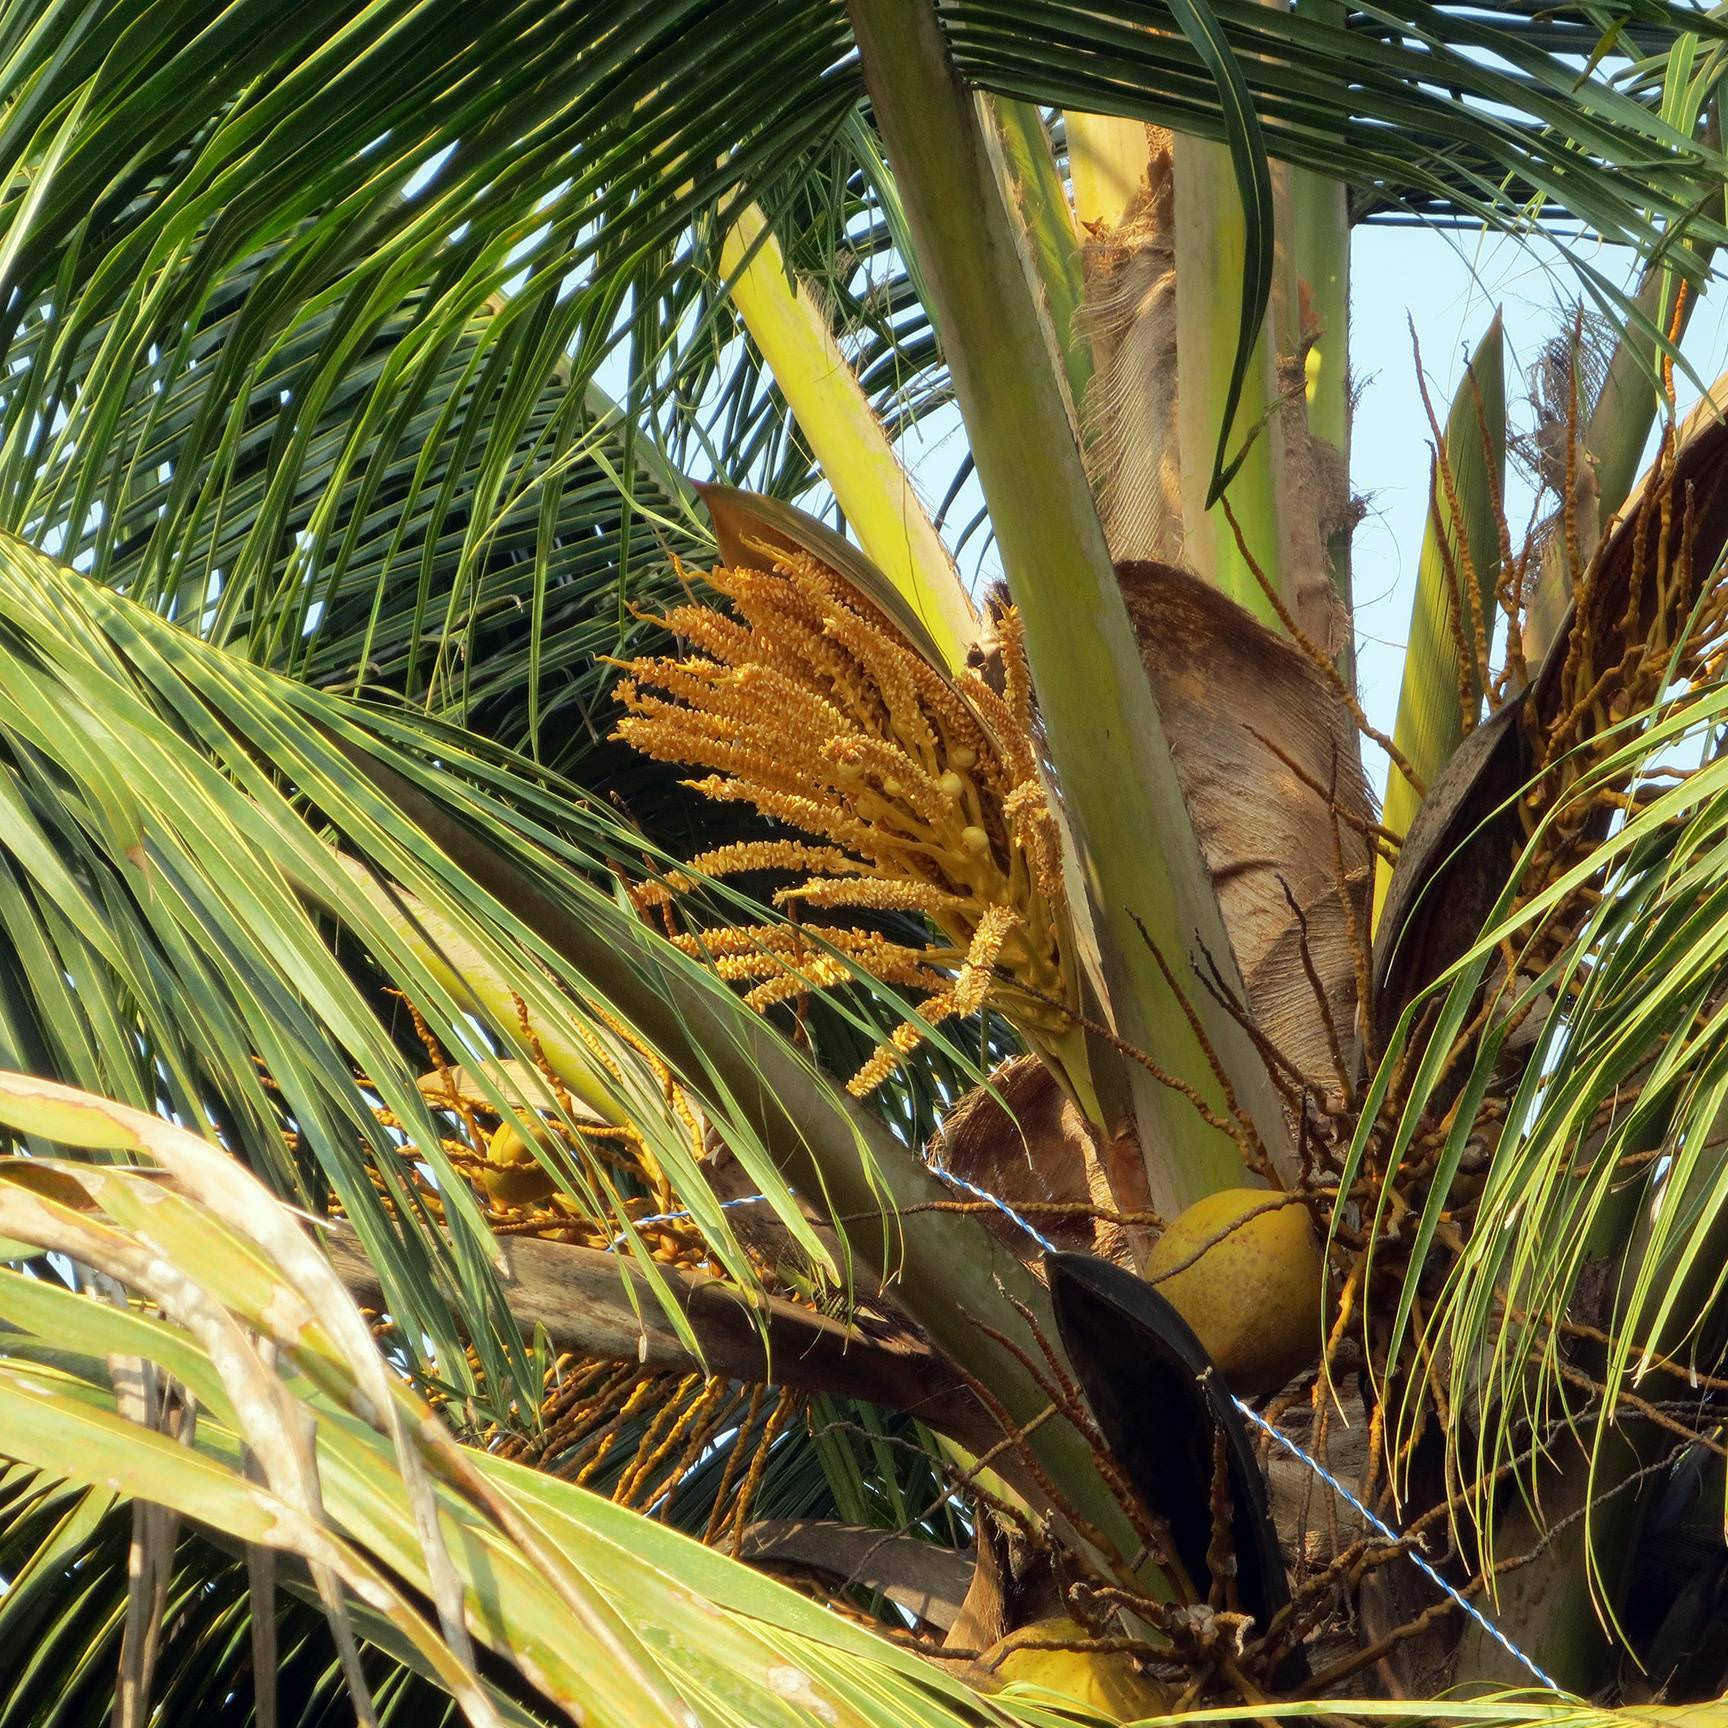 Что растет на пальмах: не бананы, не ананасы и не манго